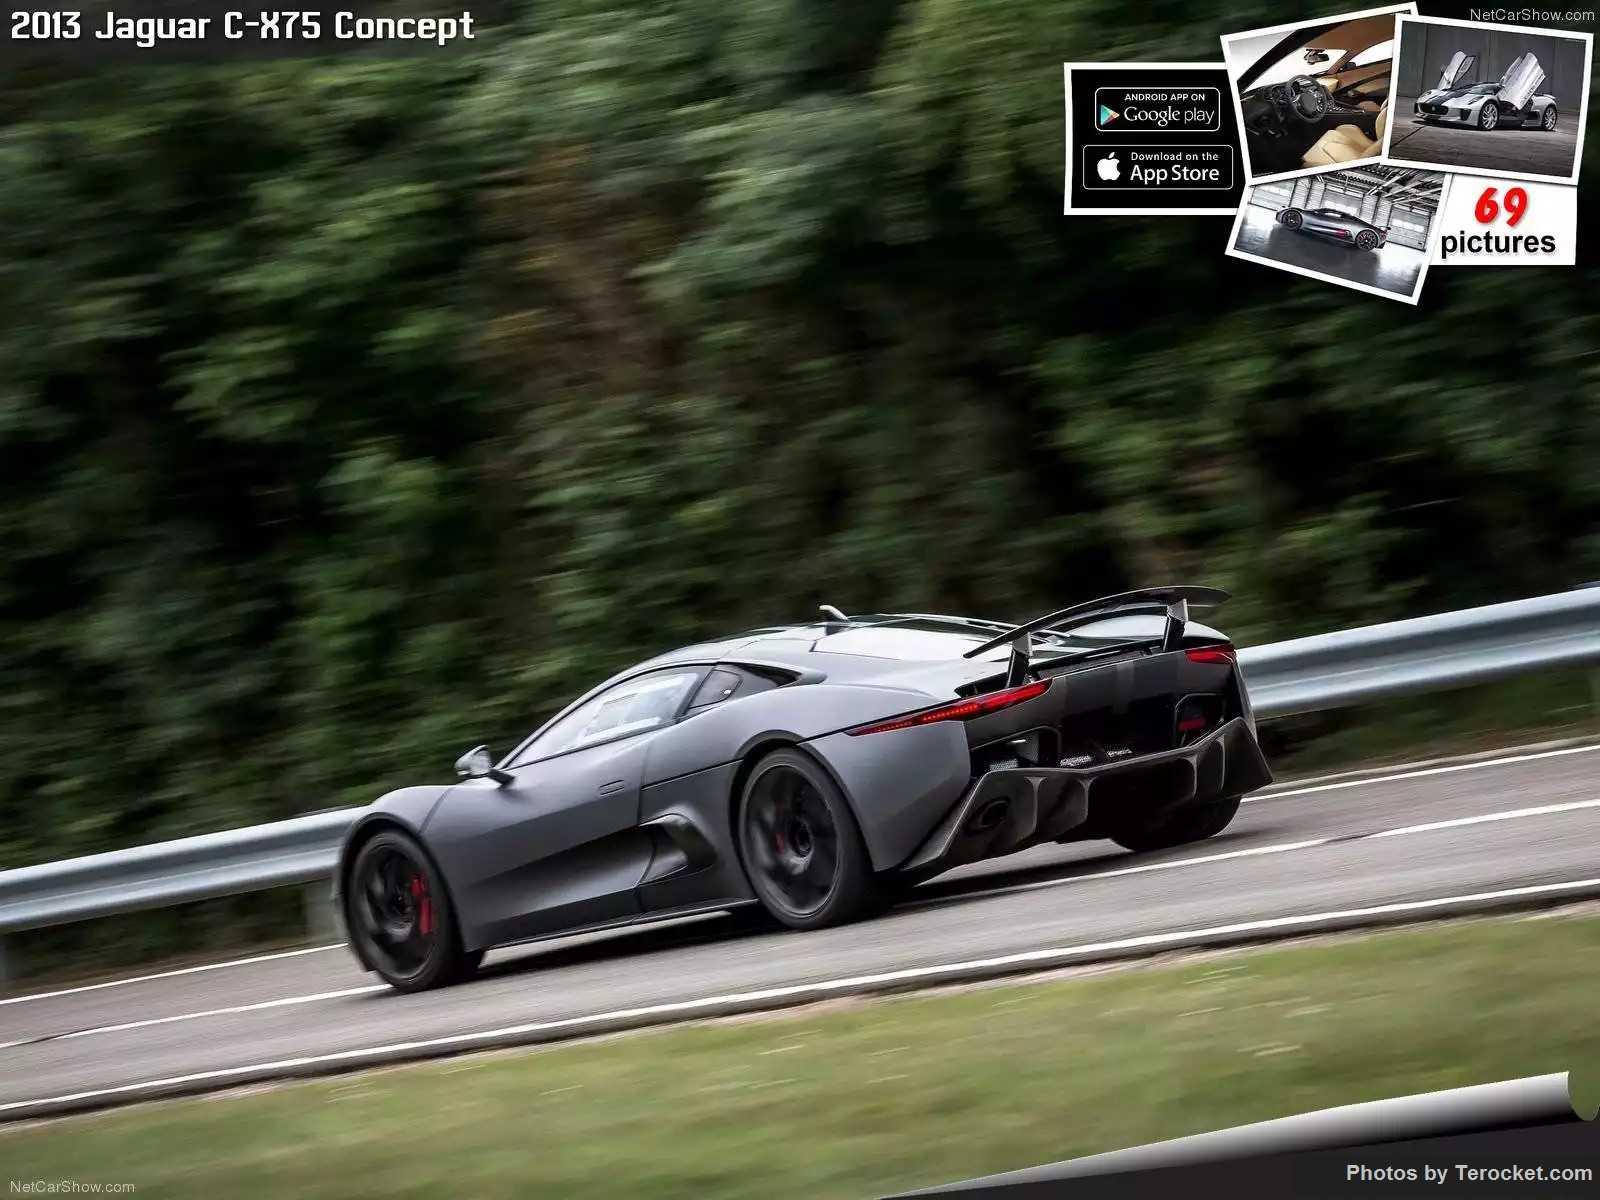 Hình ảnh xe ô tô Jaguar C-X75 Concept 2013 & nội ngoại thất